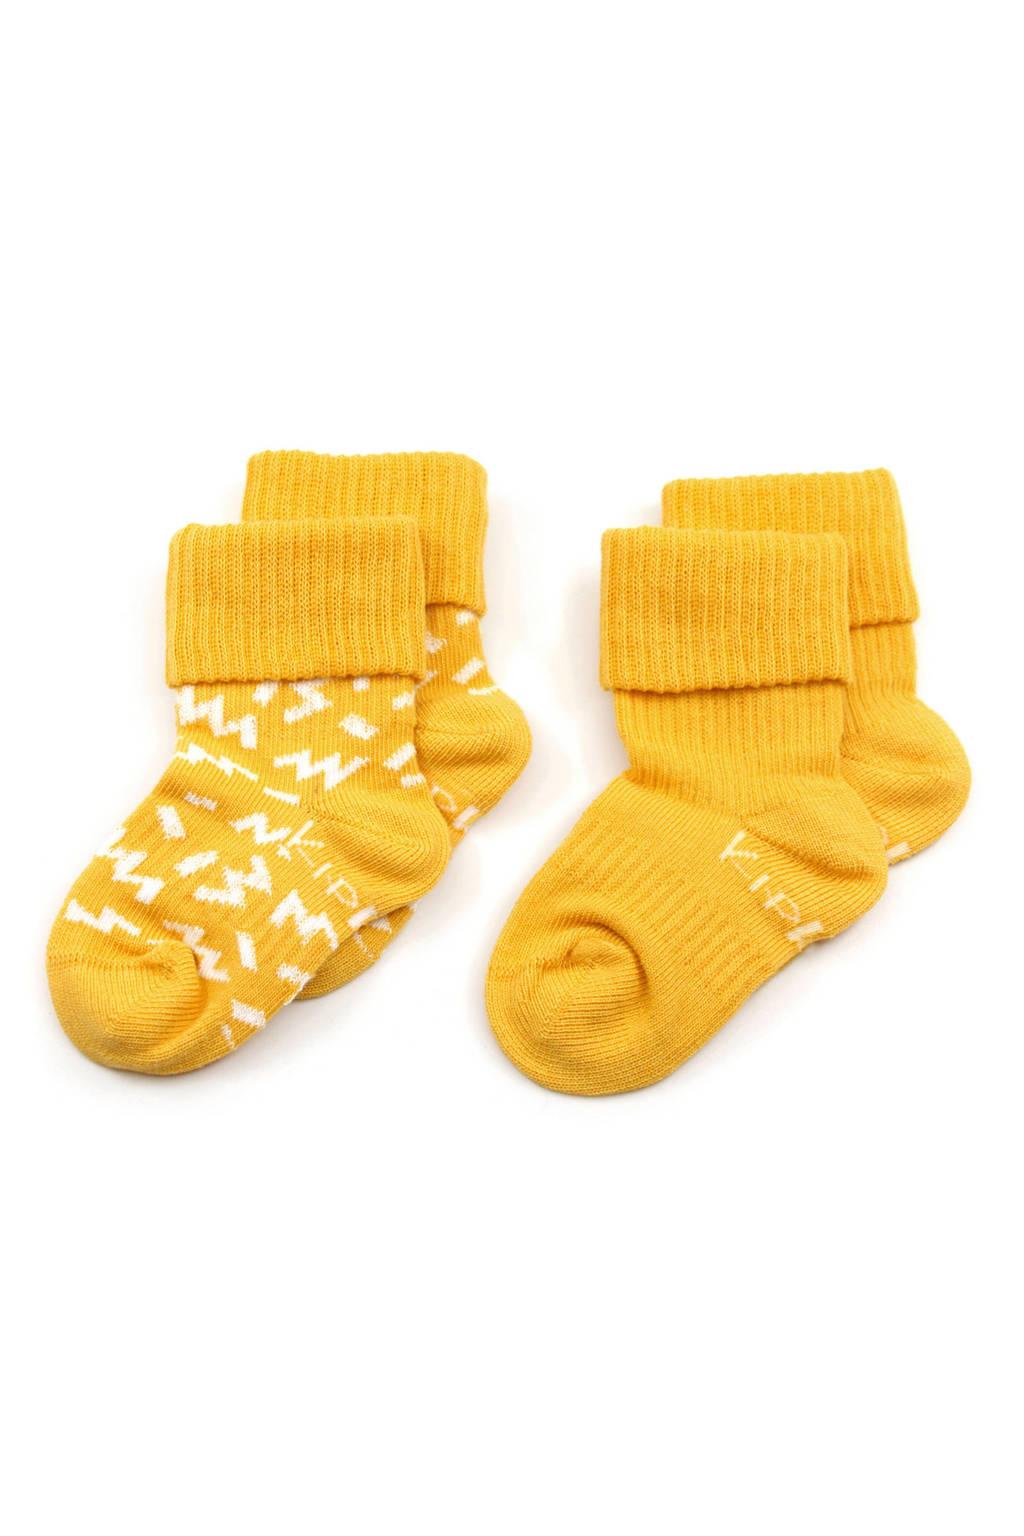 KipKep blijf-sokken 6-12 maanden - set van 2 geel, Geel